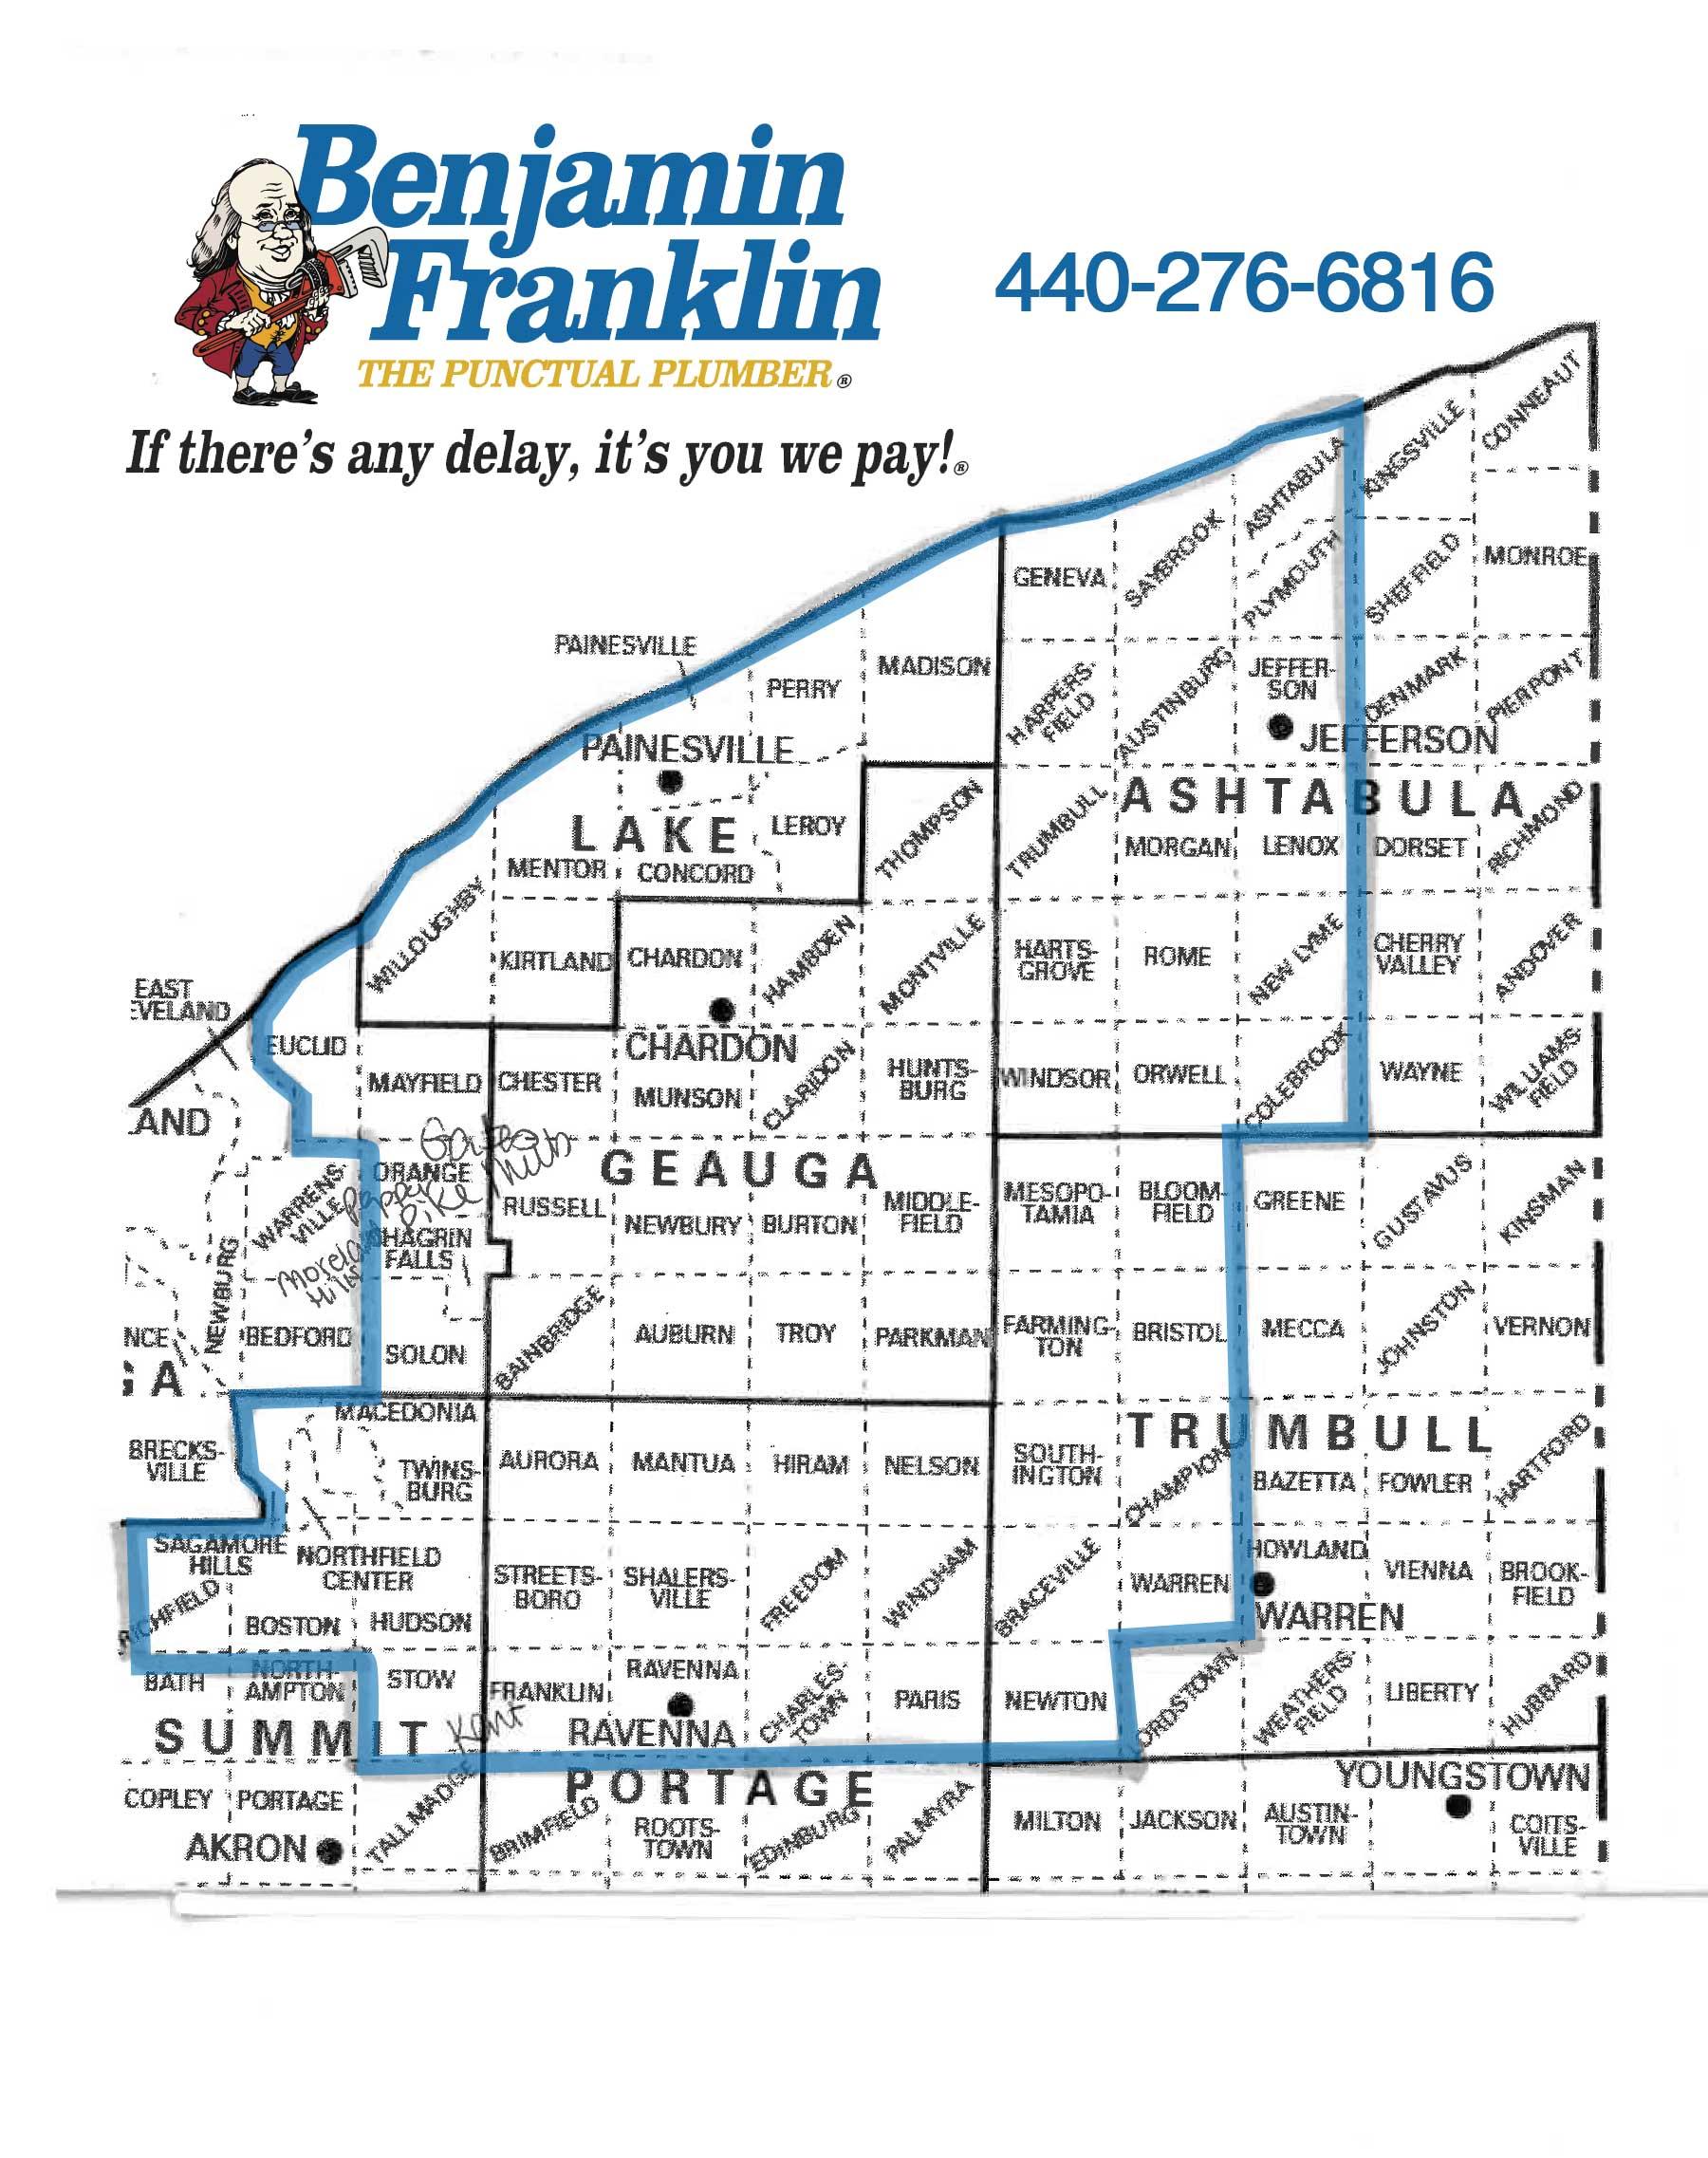 Plumbing Services Benjamin Franklin Plumbing